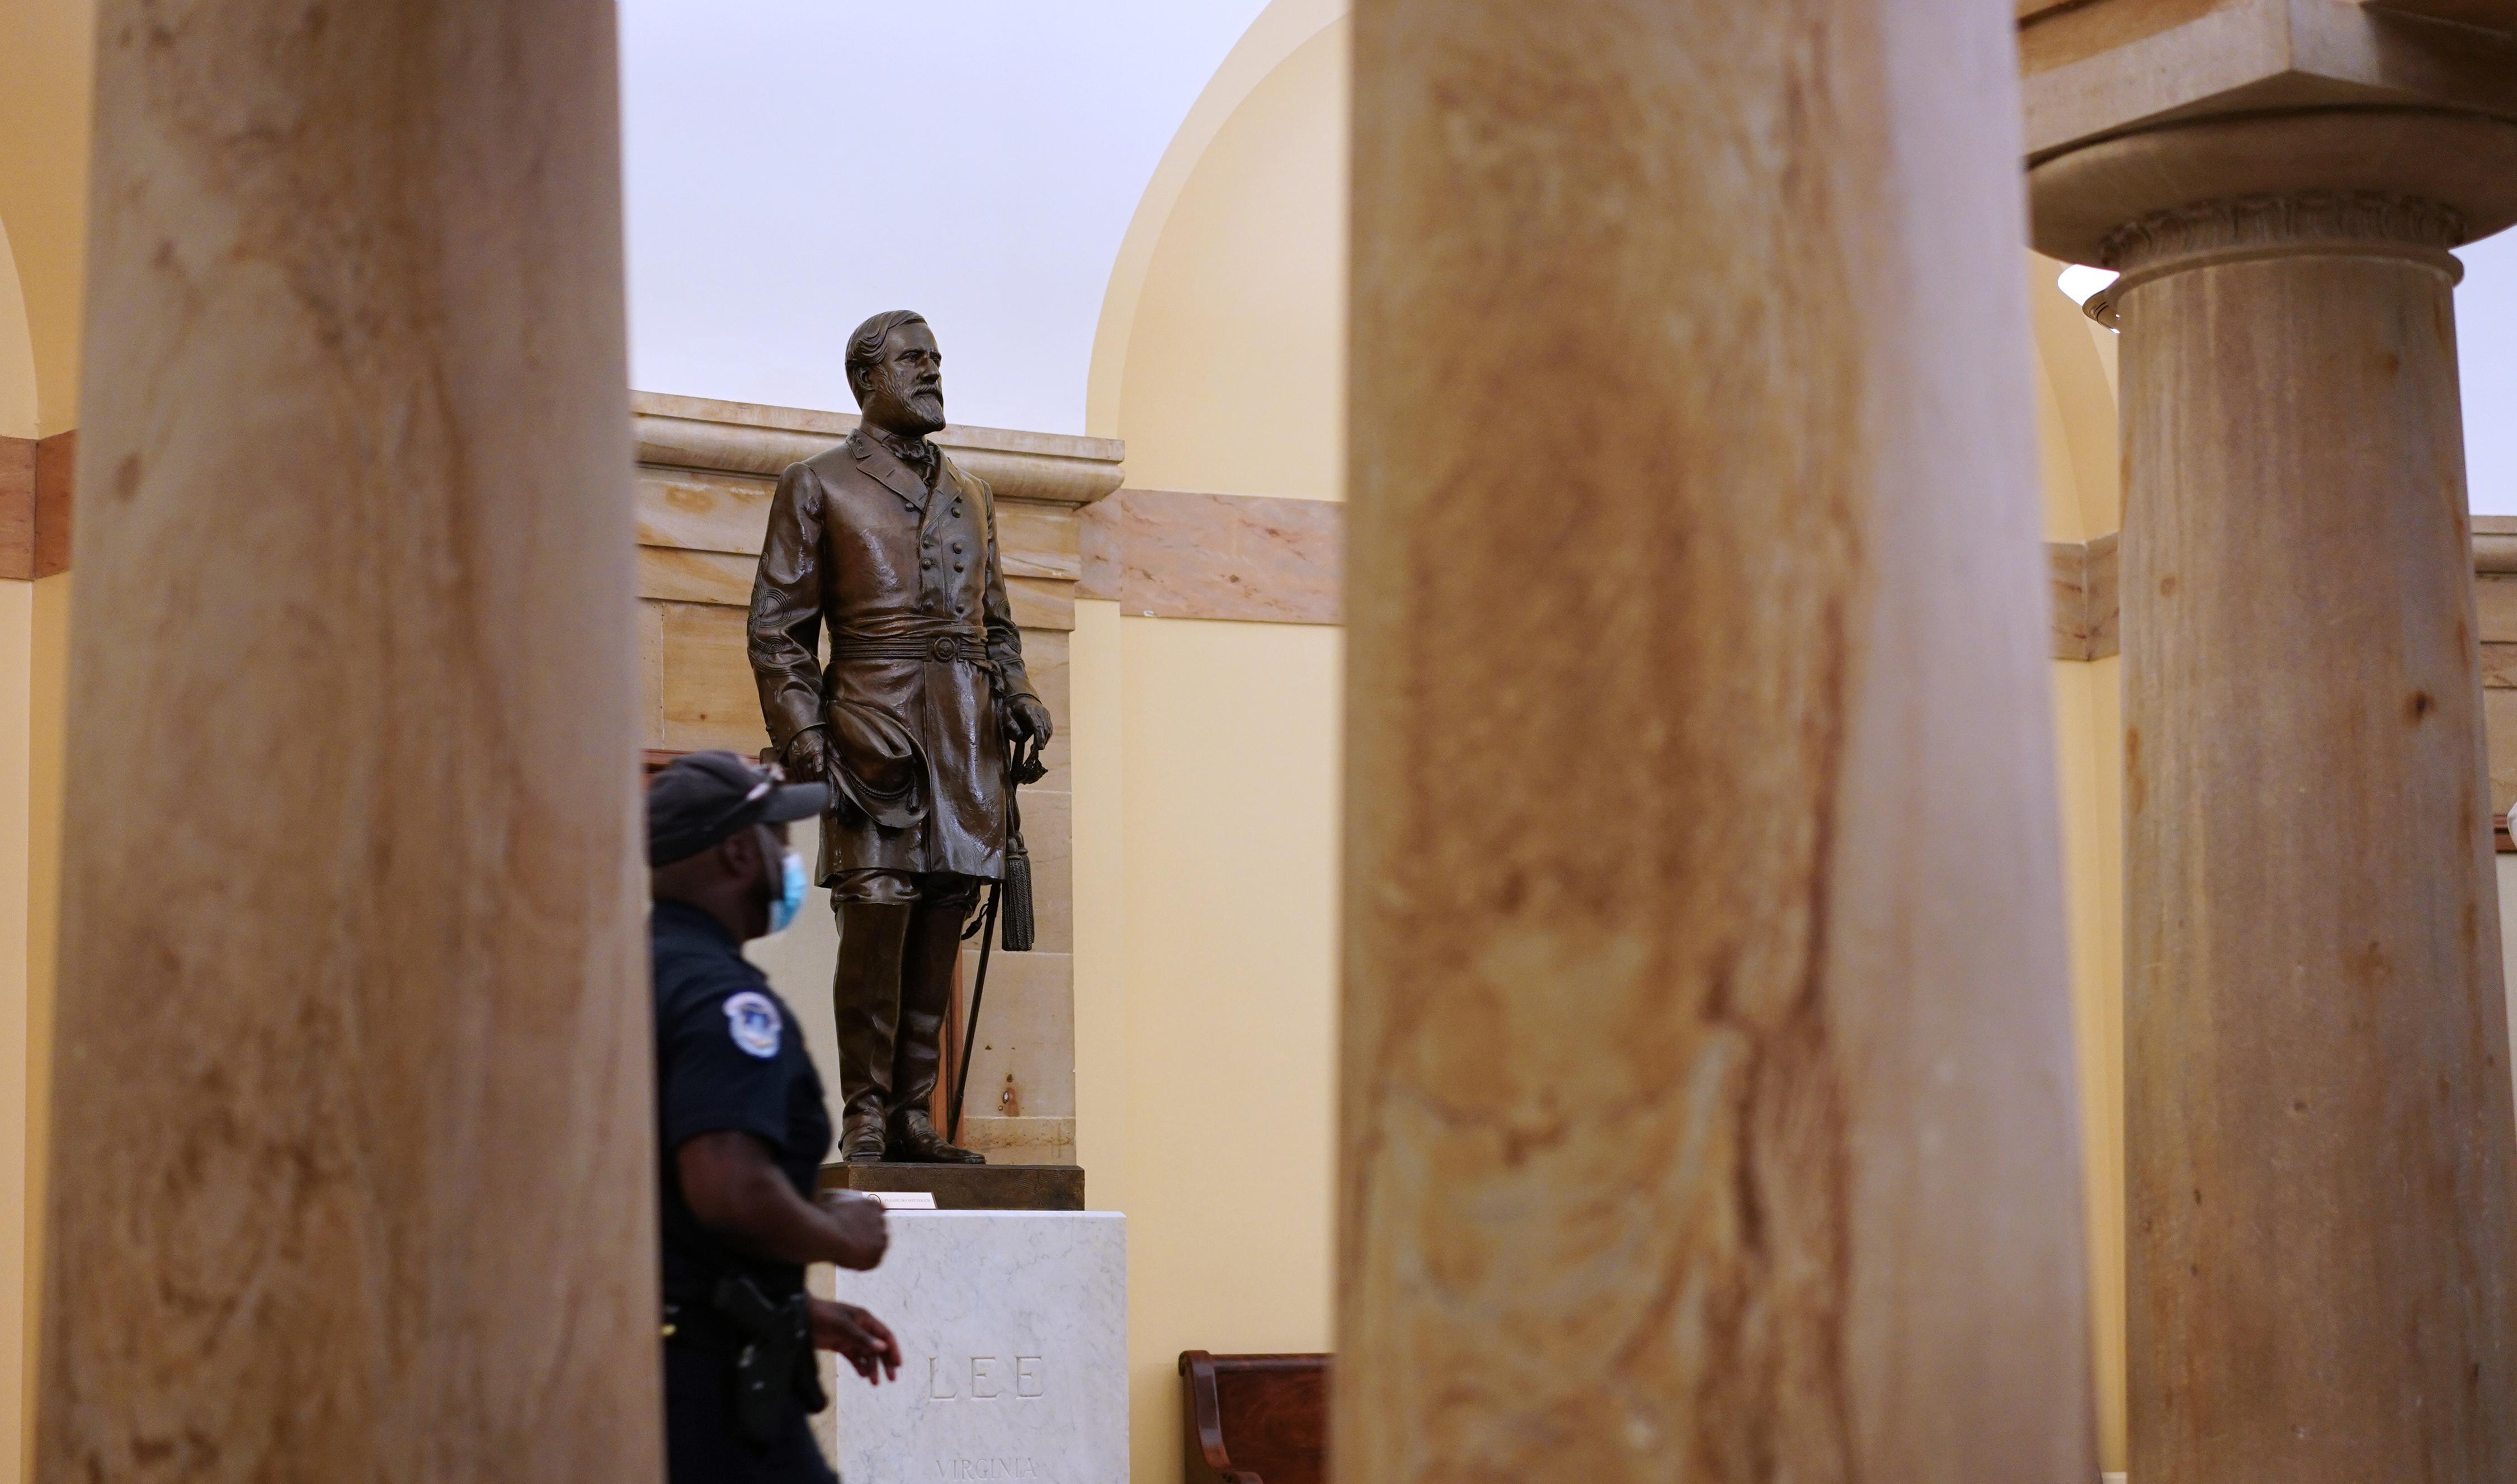 Eltávolítják a konföderációs szobrokat az amerikai kongresszus díszcsarnokából